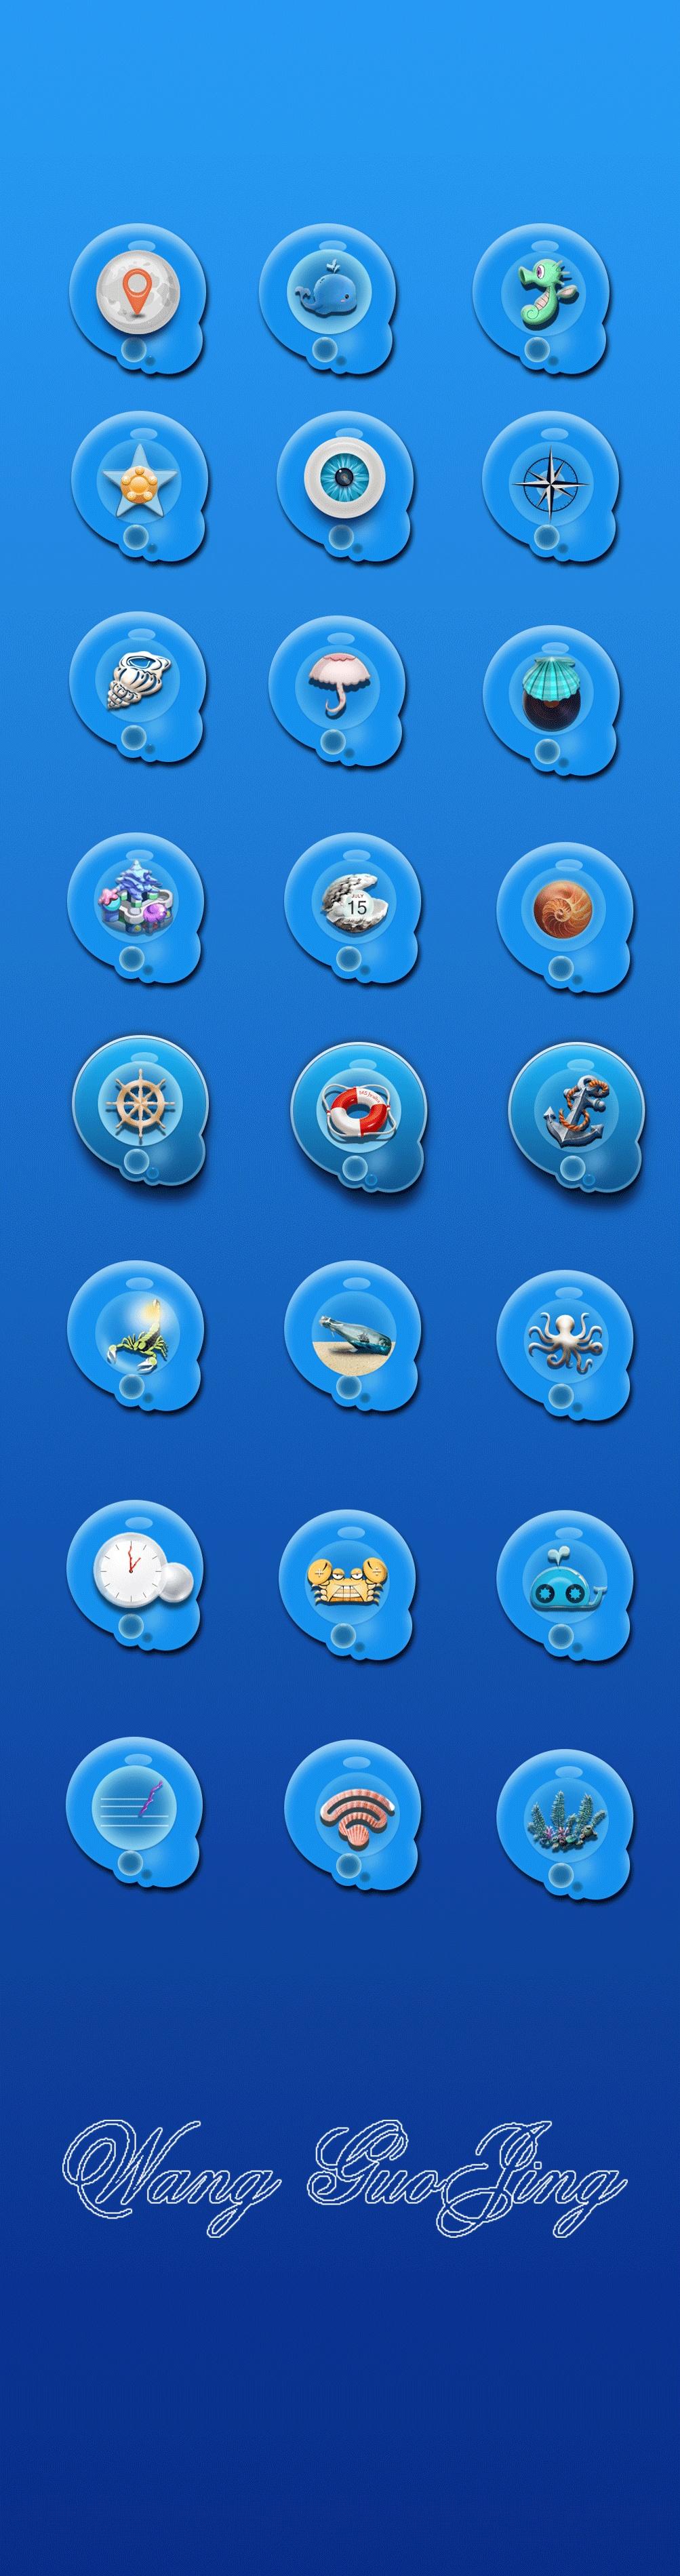 海洋主题图标图片